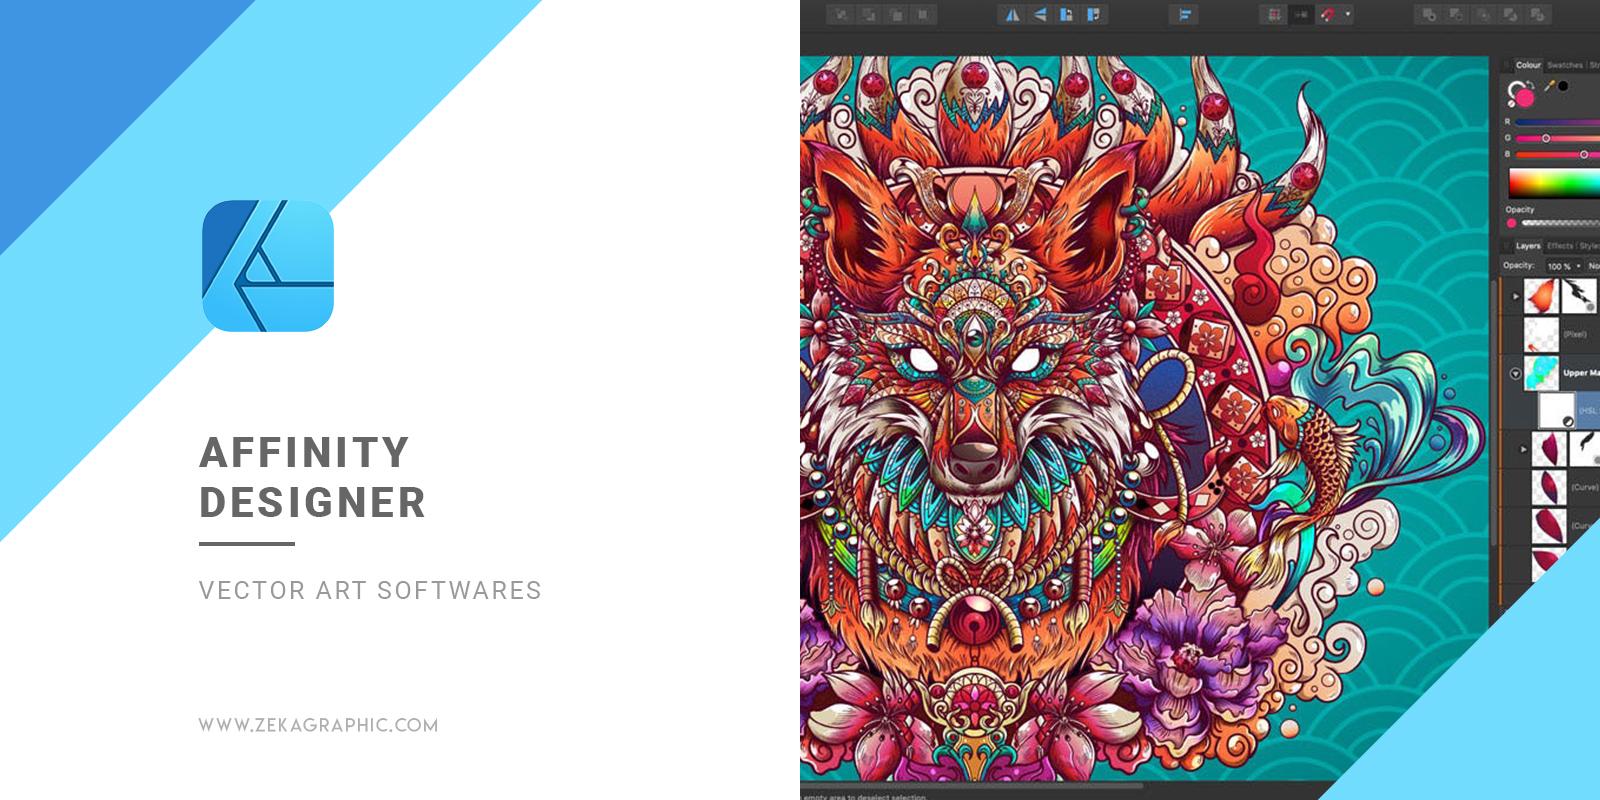 Affinity Designer Graphic Design Software For Vector Art